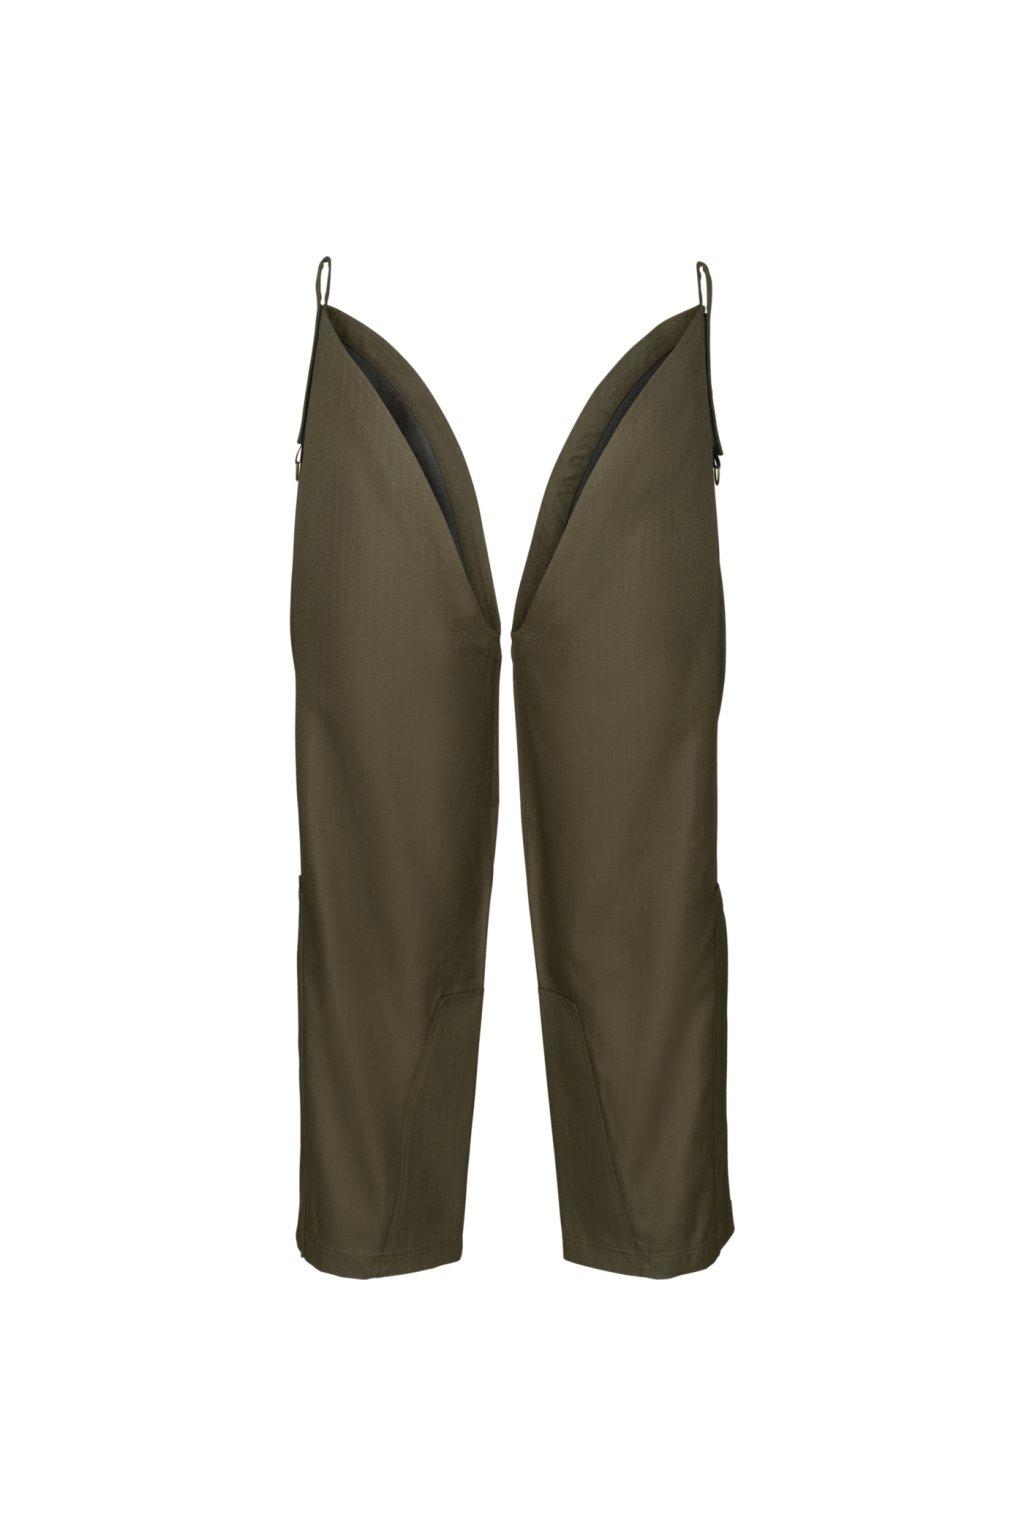 Seeland - Buckthorn leggings